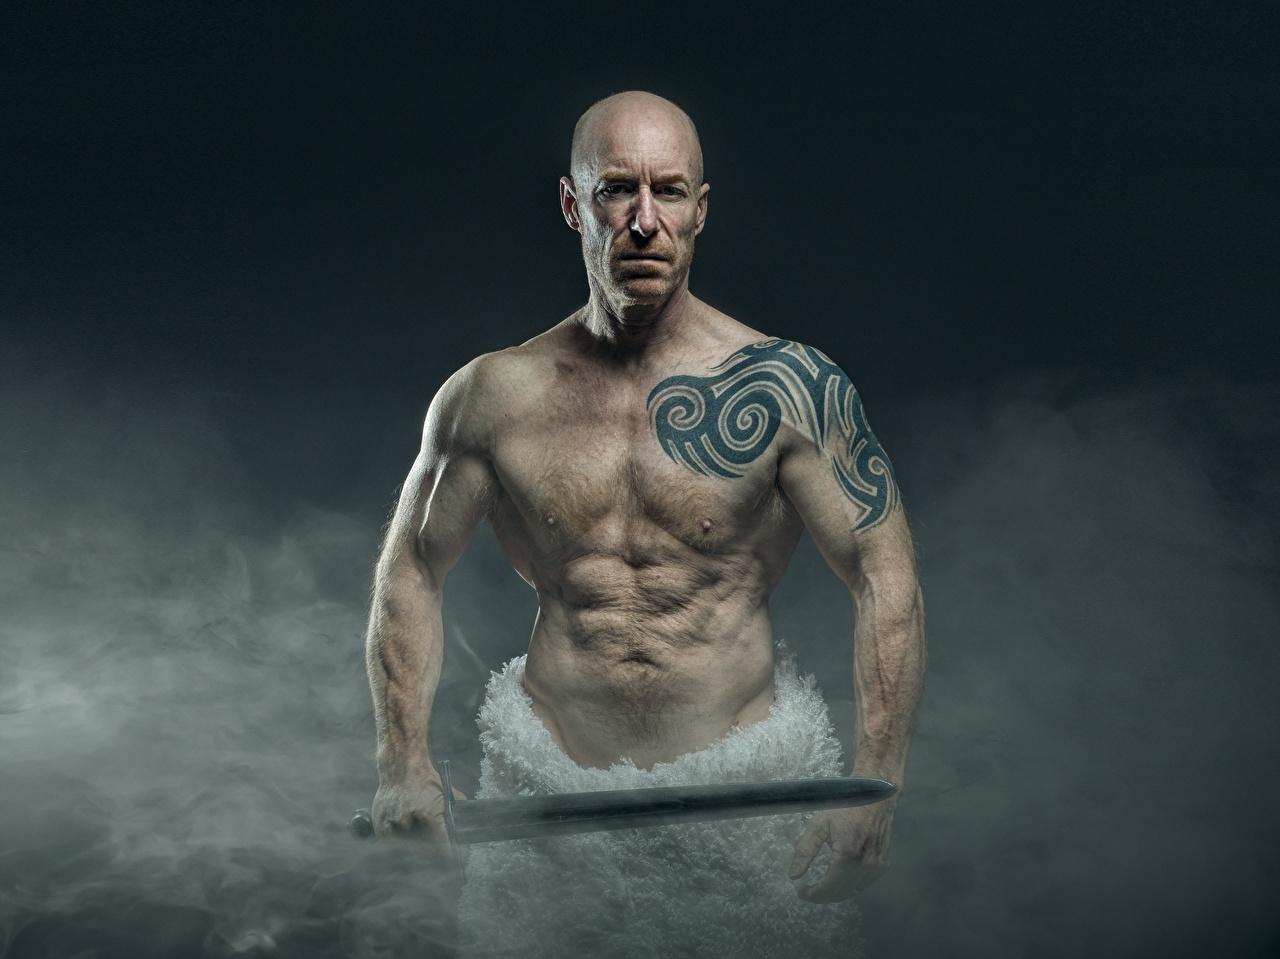 Фотография меч Татуировки Мужчины мускулы Лысый Дым рука старые тату Мечи меча с мечом татуировка Мышцы мужчина лысые без волос Руки дымит старая Старый